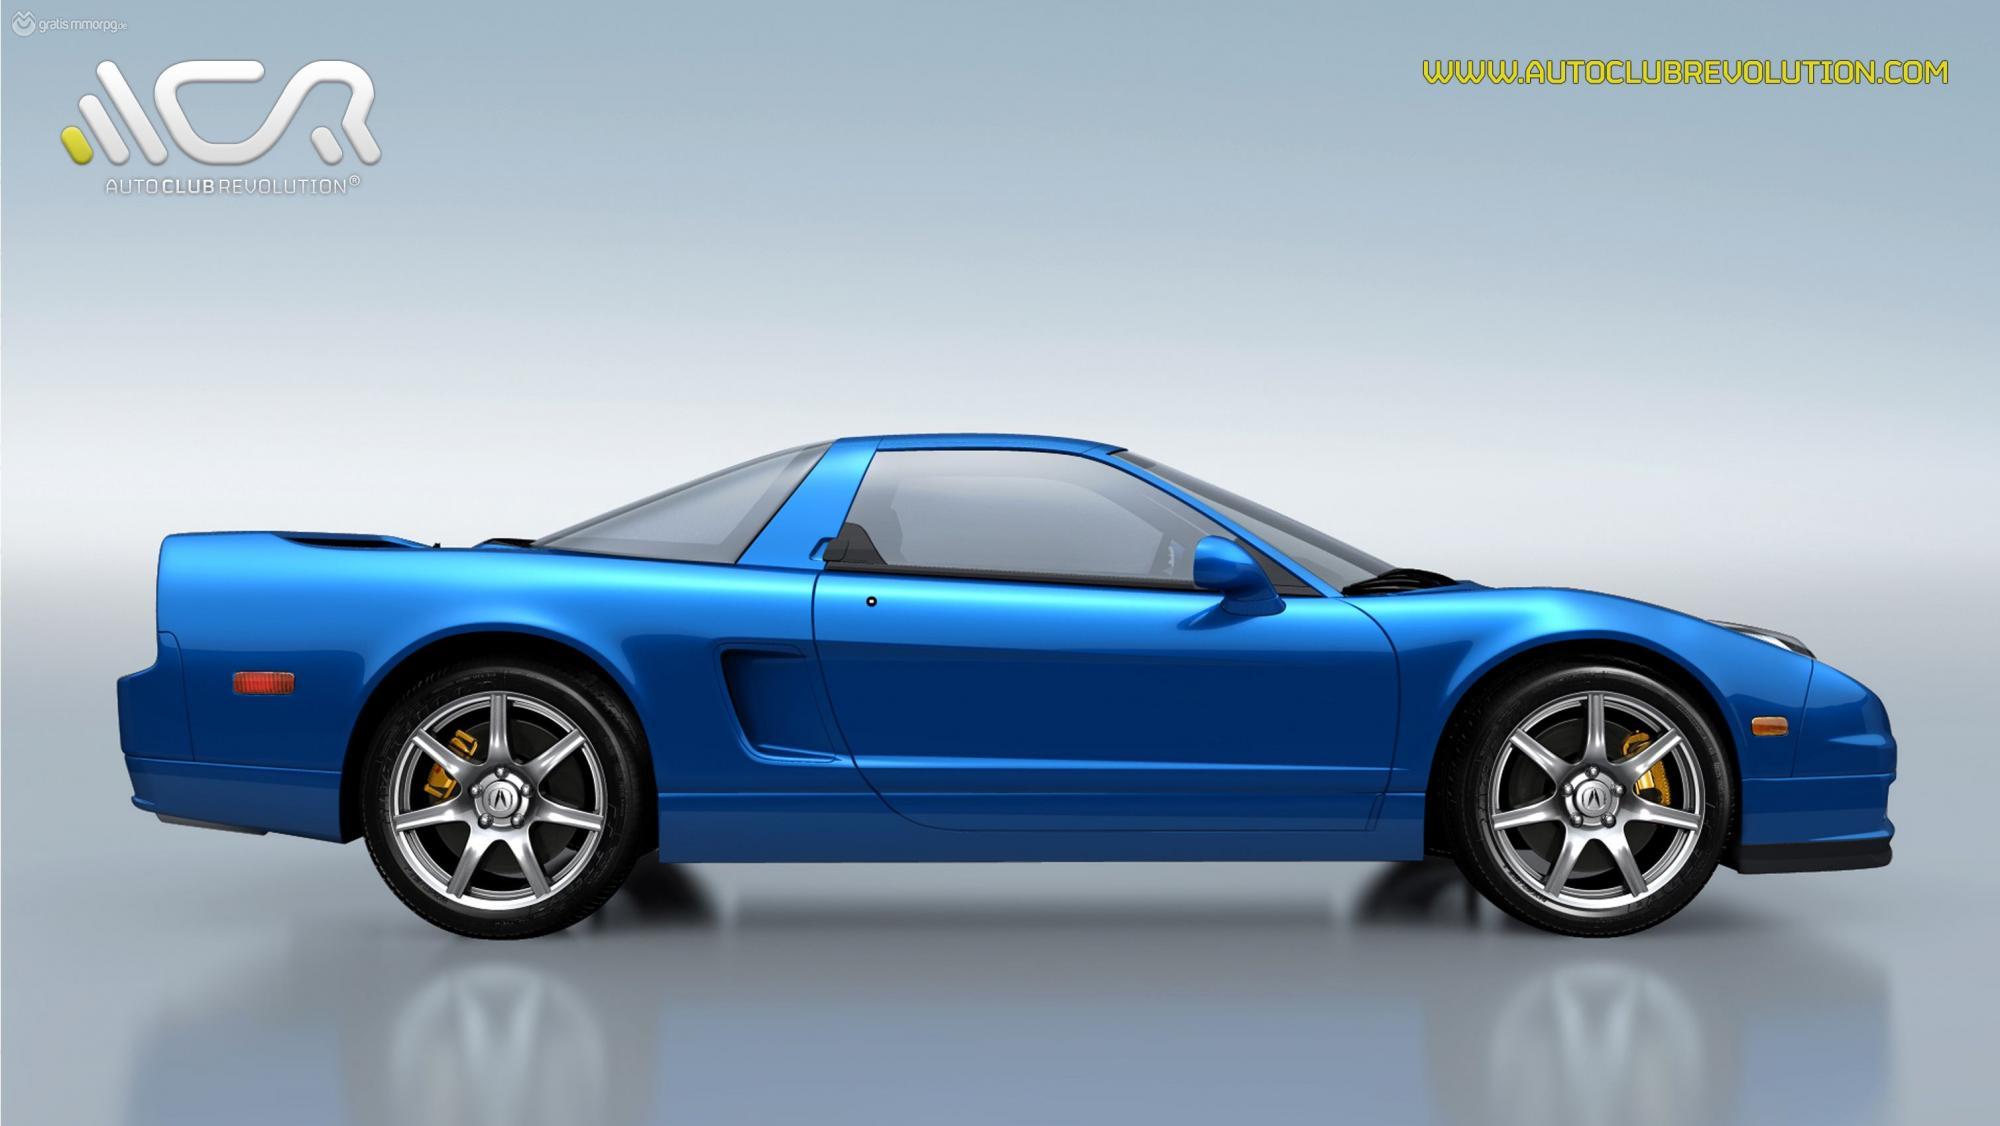 Klicke auf die Grafik für eine größere AnsichtName:ACR - Acura NSX.jpgHits:63Größe:124,3 KBID:5863